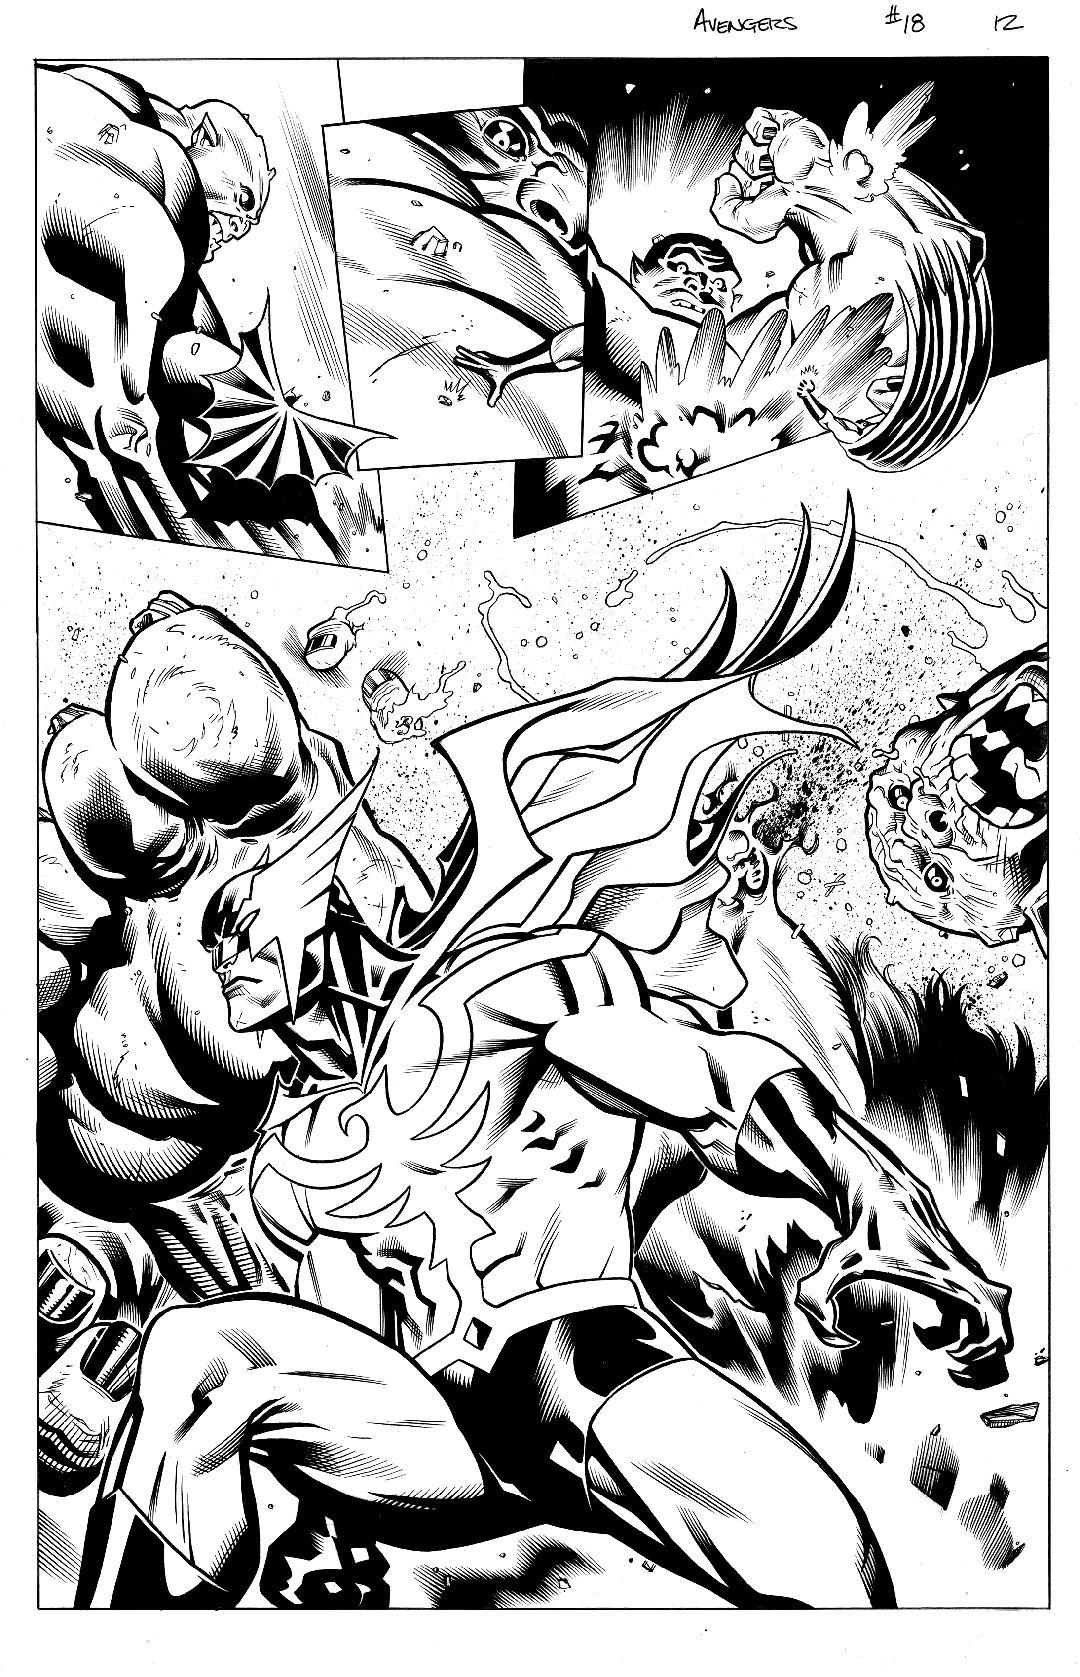 Avengers #18 pg12